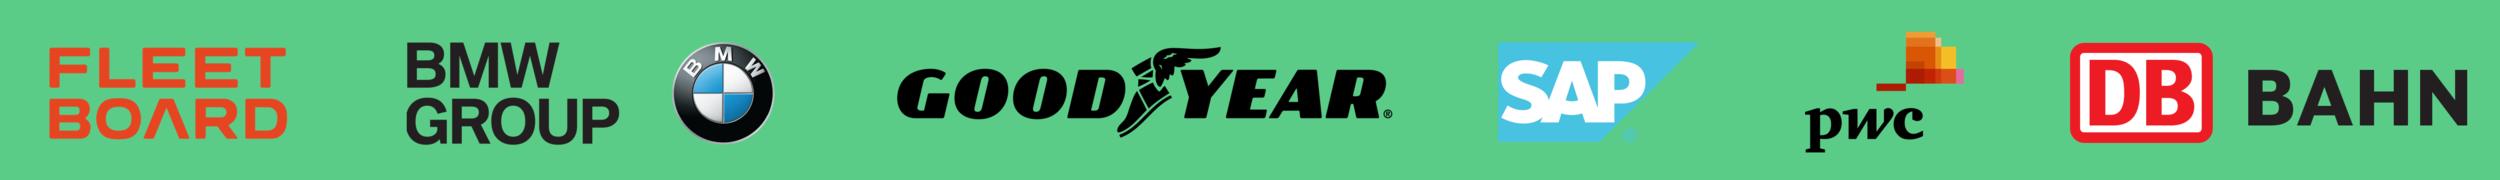 logos_green.png